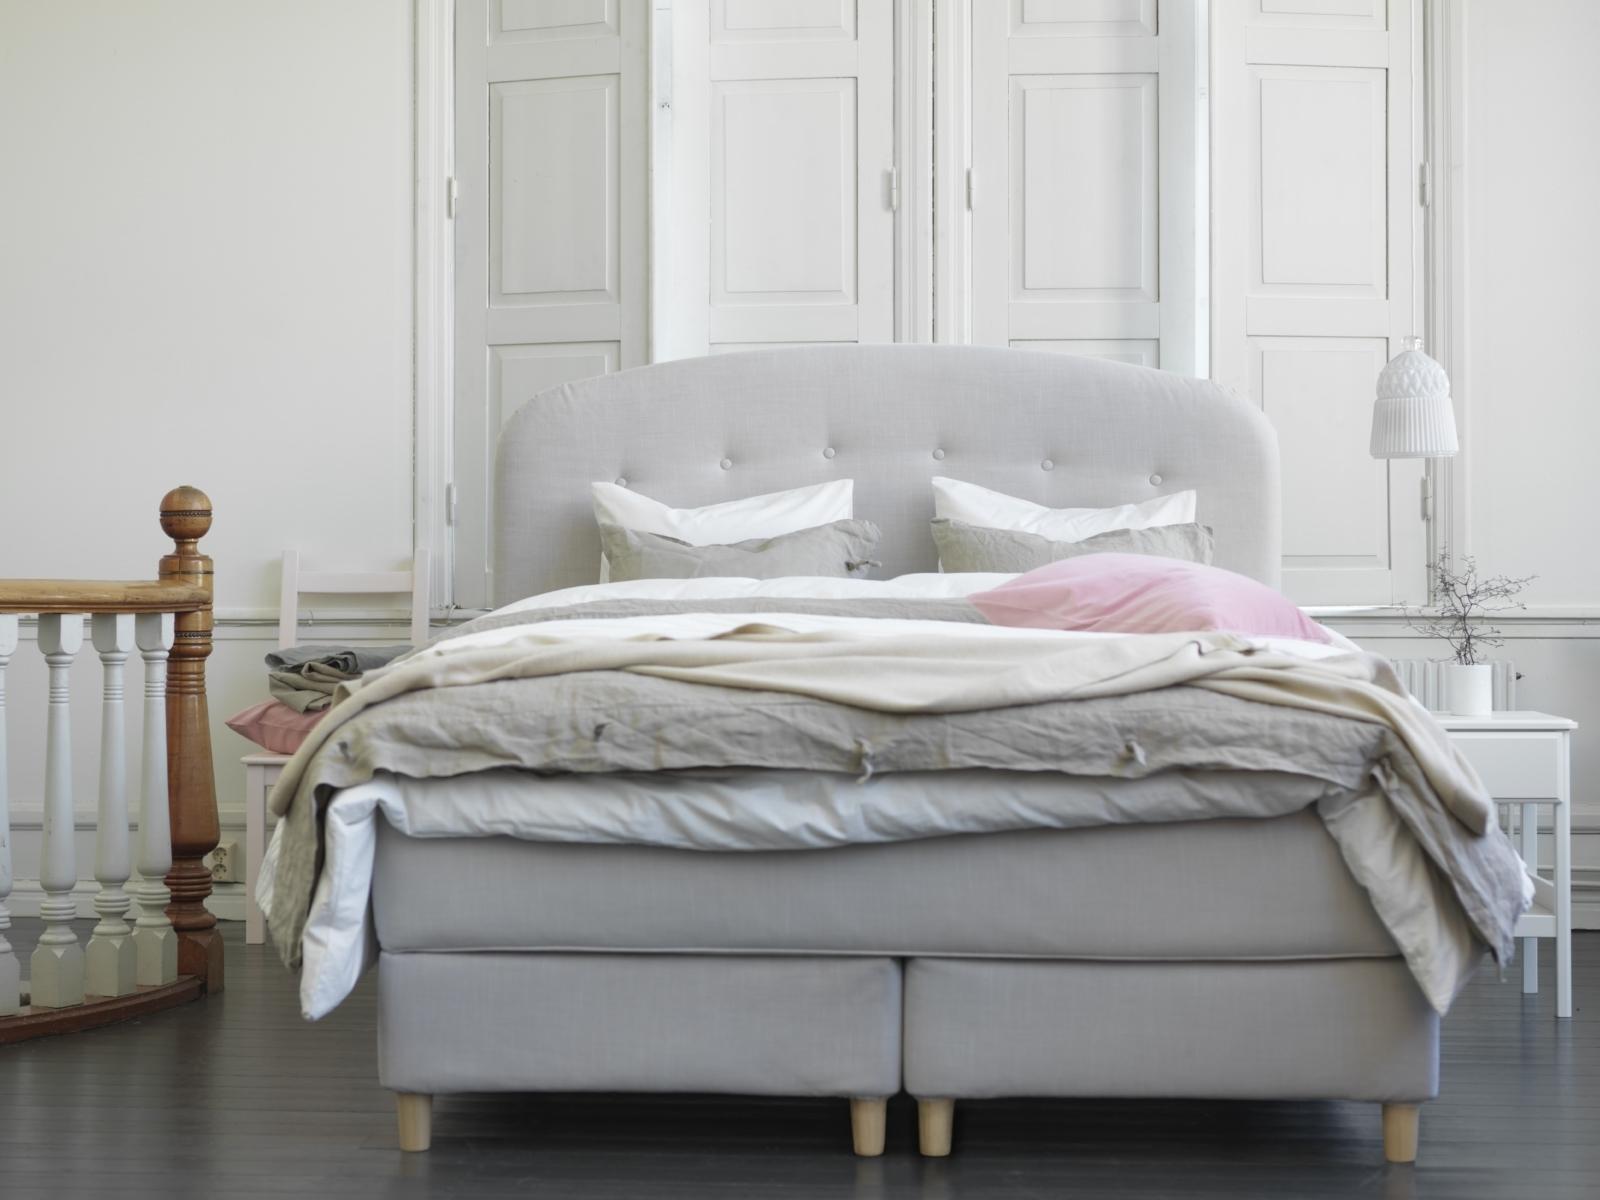 Full Size of Betten Bei Ikea Neue Leidenschaft Der Deutschen Unternehmensblog Xxl Rauch 160x200 Bock Bonprix Außergewöhnliche Mannheim Test Weiße Meise Tagesdecken Für Bett Betten Bei Ikea